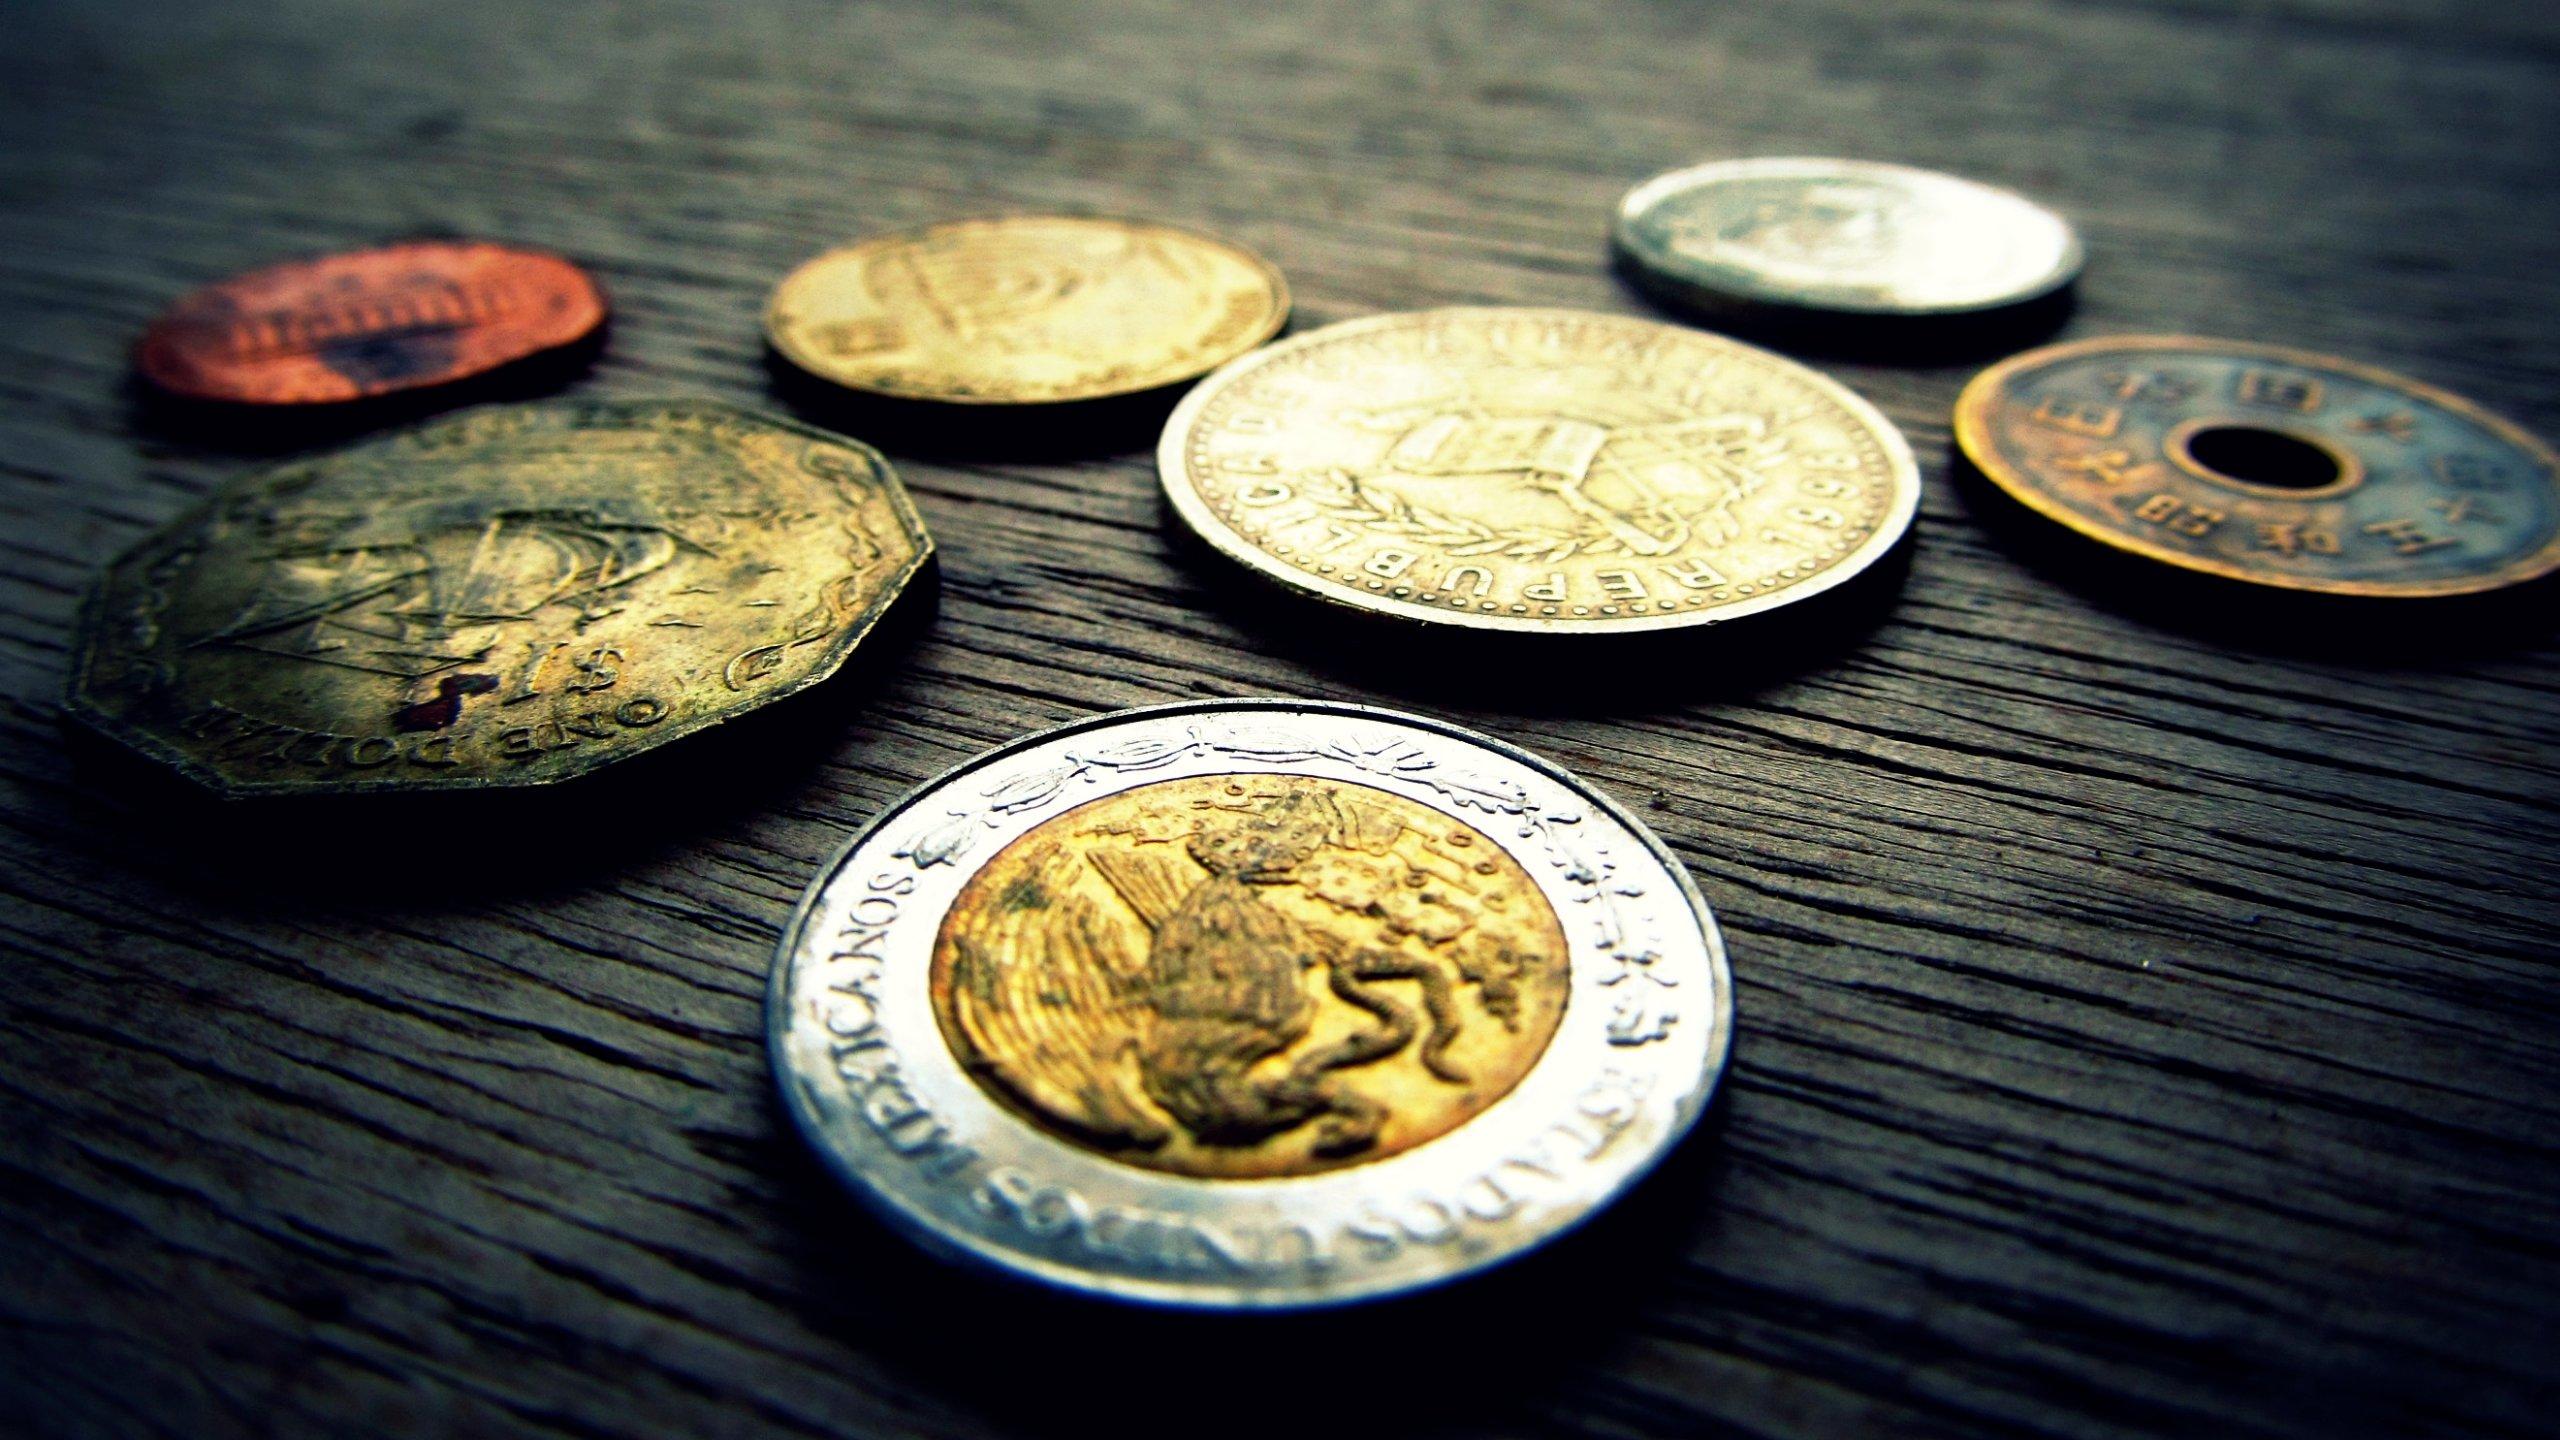 High Resolution Coin Hd 2560x1440 Wallpaper ID375548 For Desktop